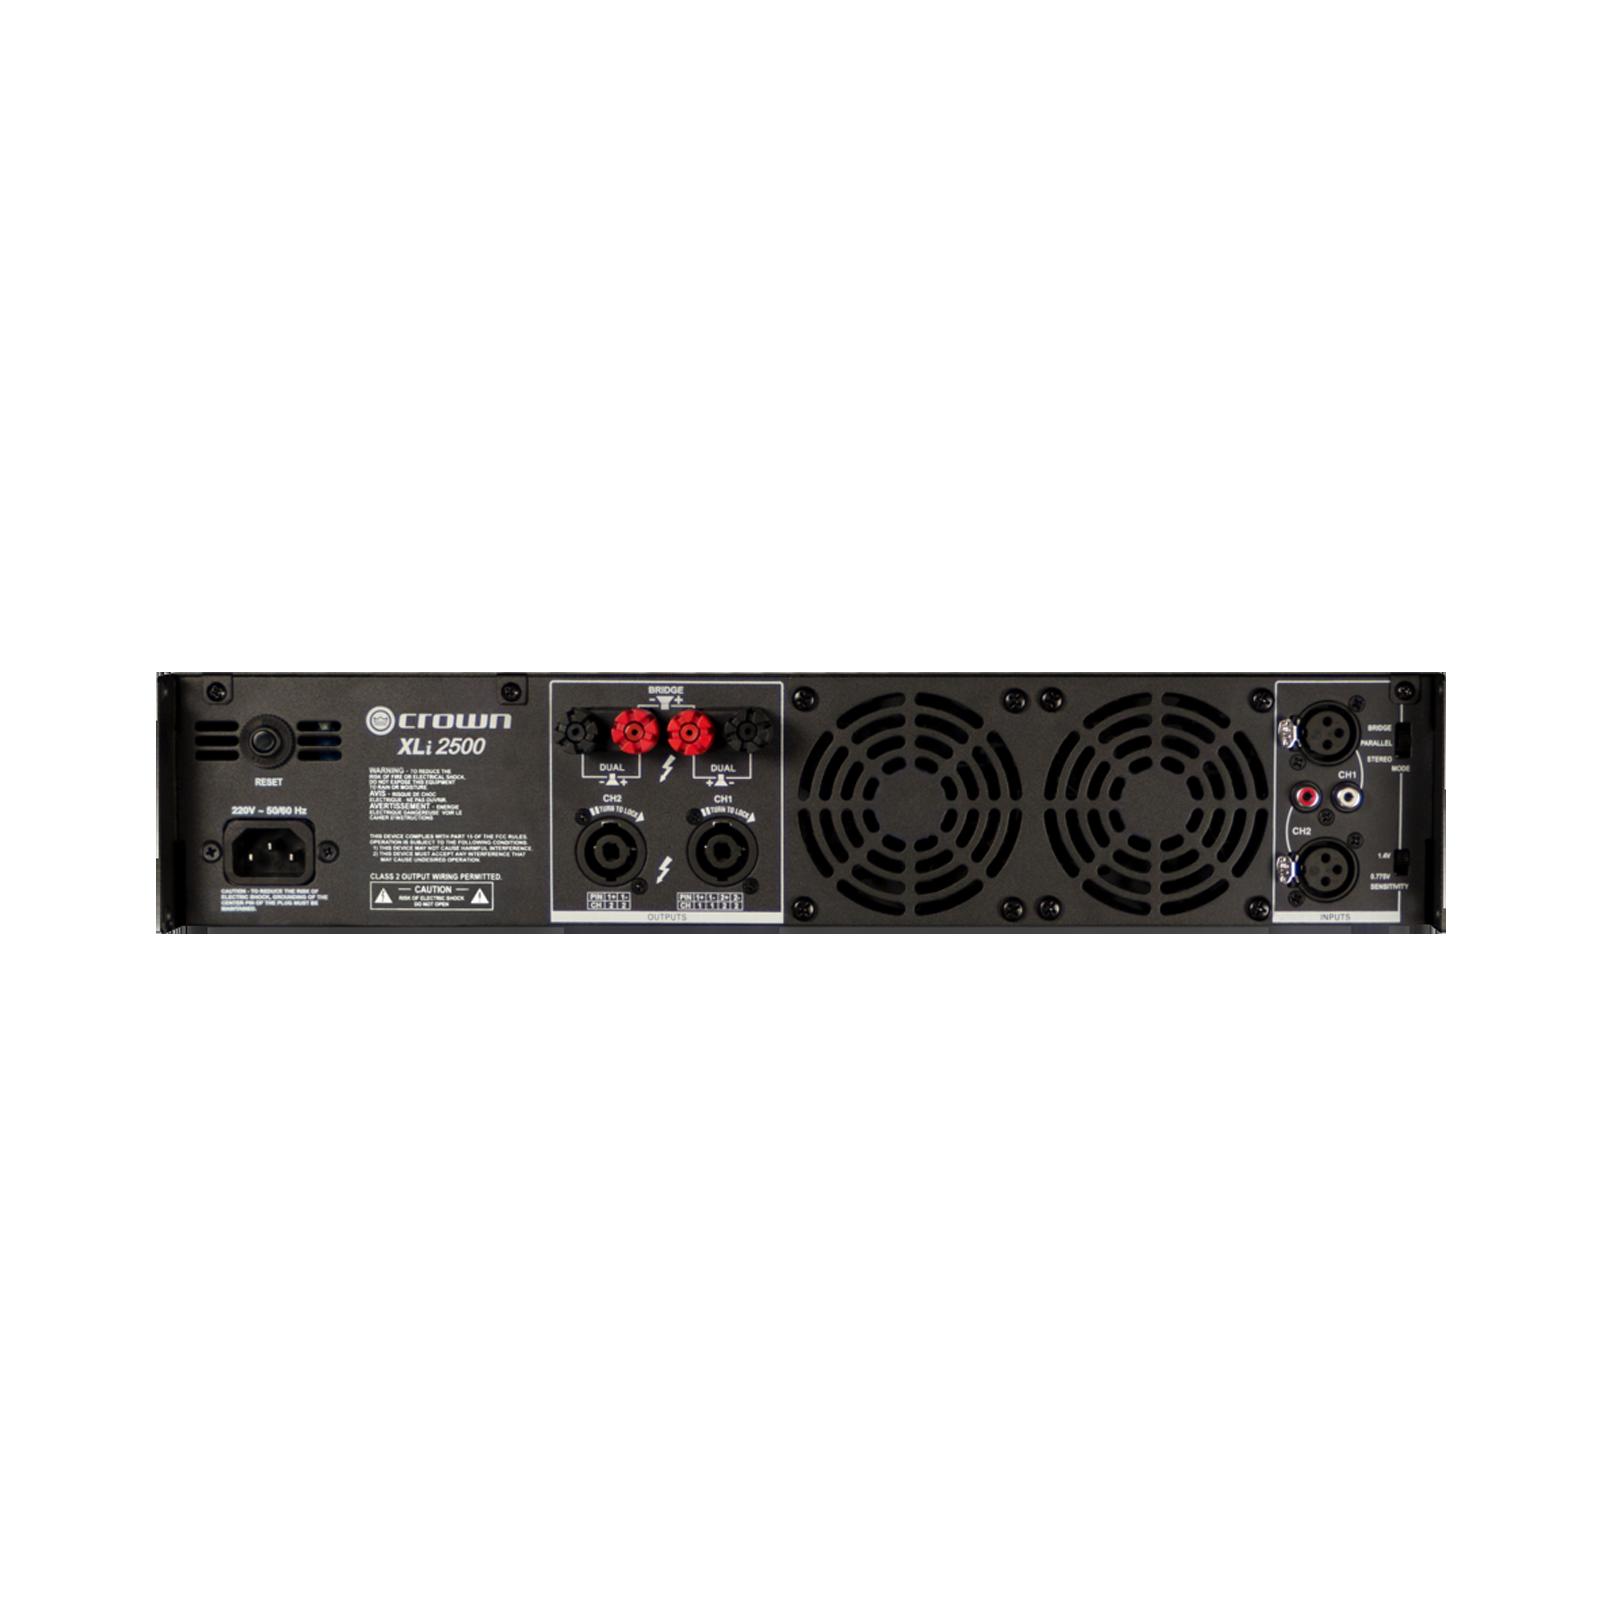 XLi 2500 - Grey - Two-channel, 750W @ 4Ω power amplifier - Back